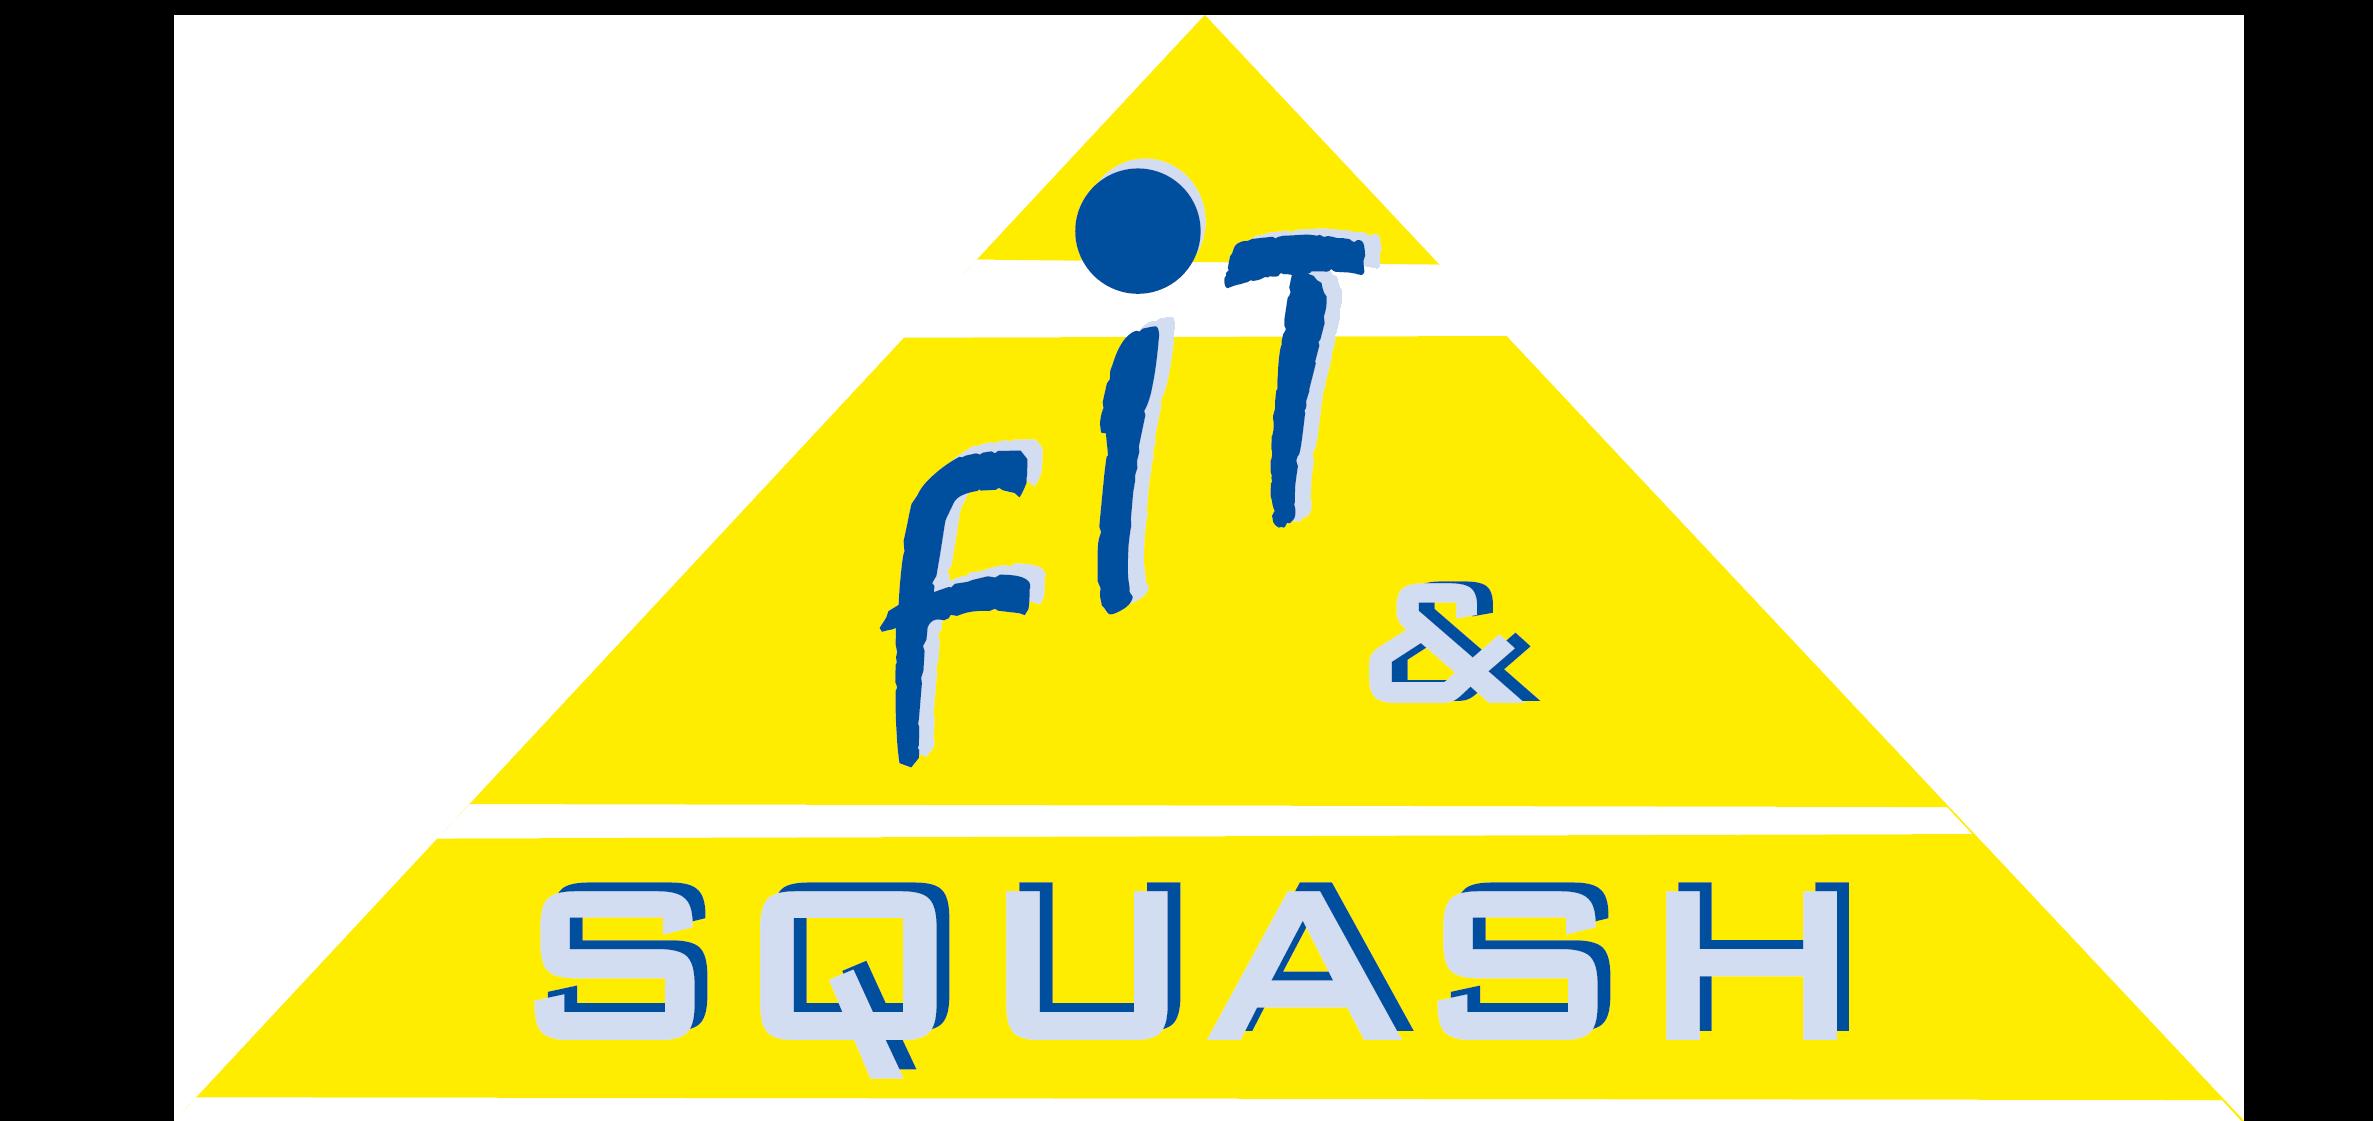 FIT&SQUASH | Dein Fitnessstudio in Bad Wörishofen für Fitness, Ernährung und Entspannung in Bad Wörishofen